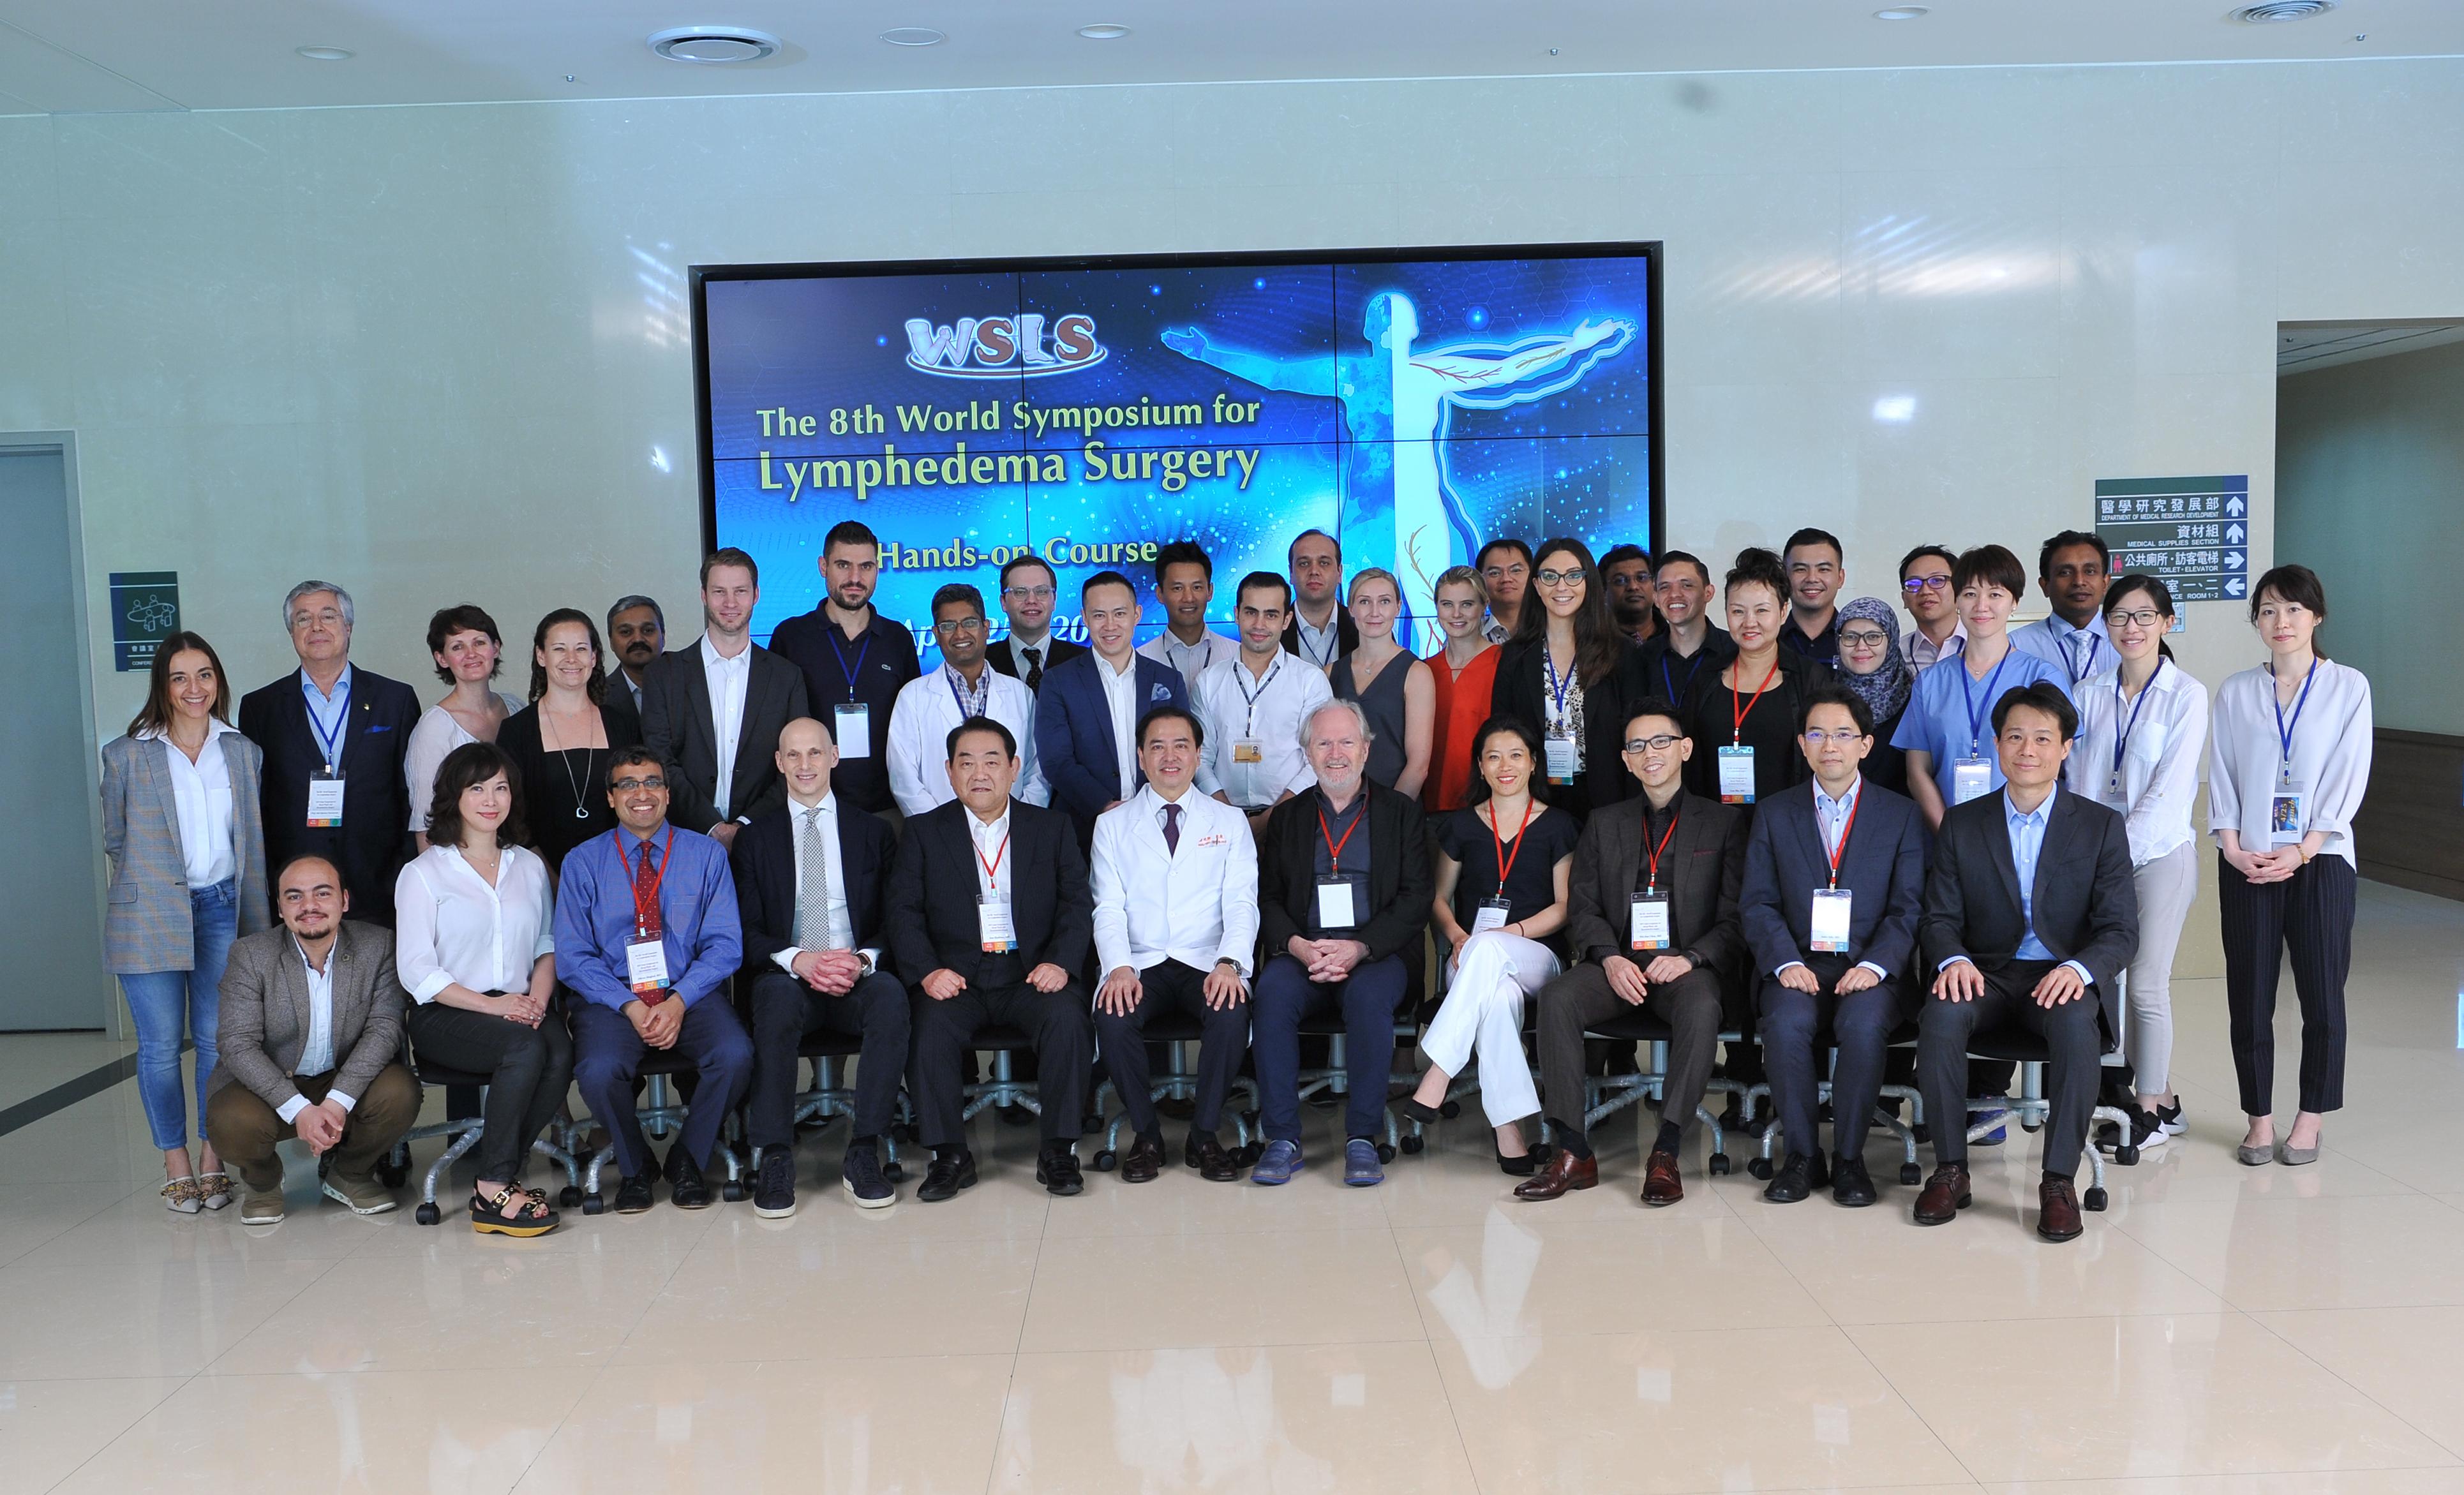 顯微手術營: 邀請世界級大師一同指導各國整形外科醫師如何實際操作顯微手術及超顯微手術